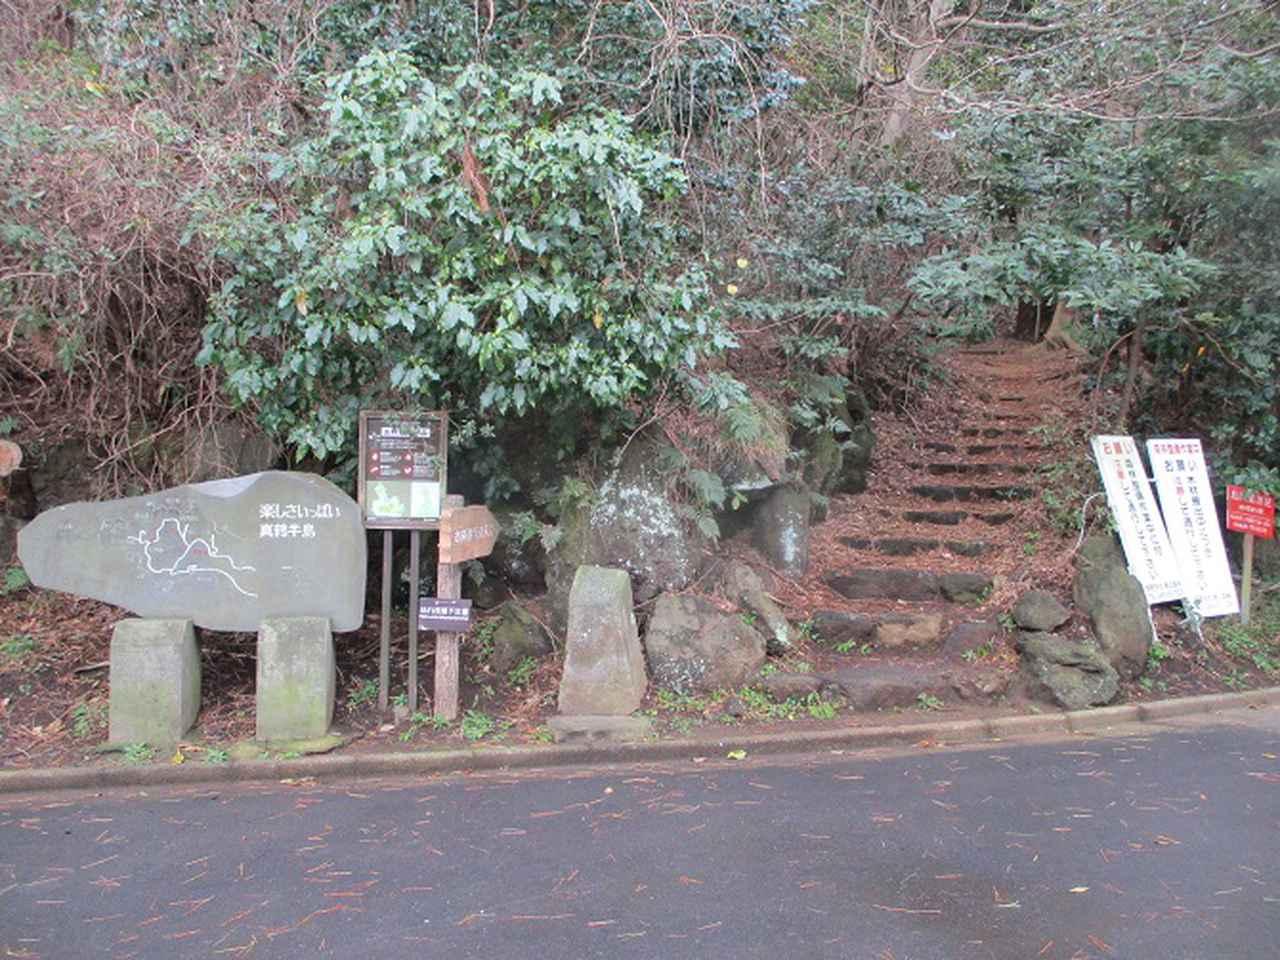 画像1: 2月の山旅会 真鶴半島ハイクと湯河原梅林 の下見に行ってきました!